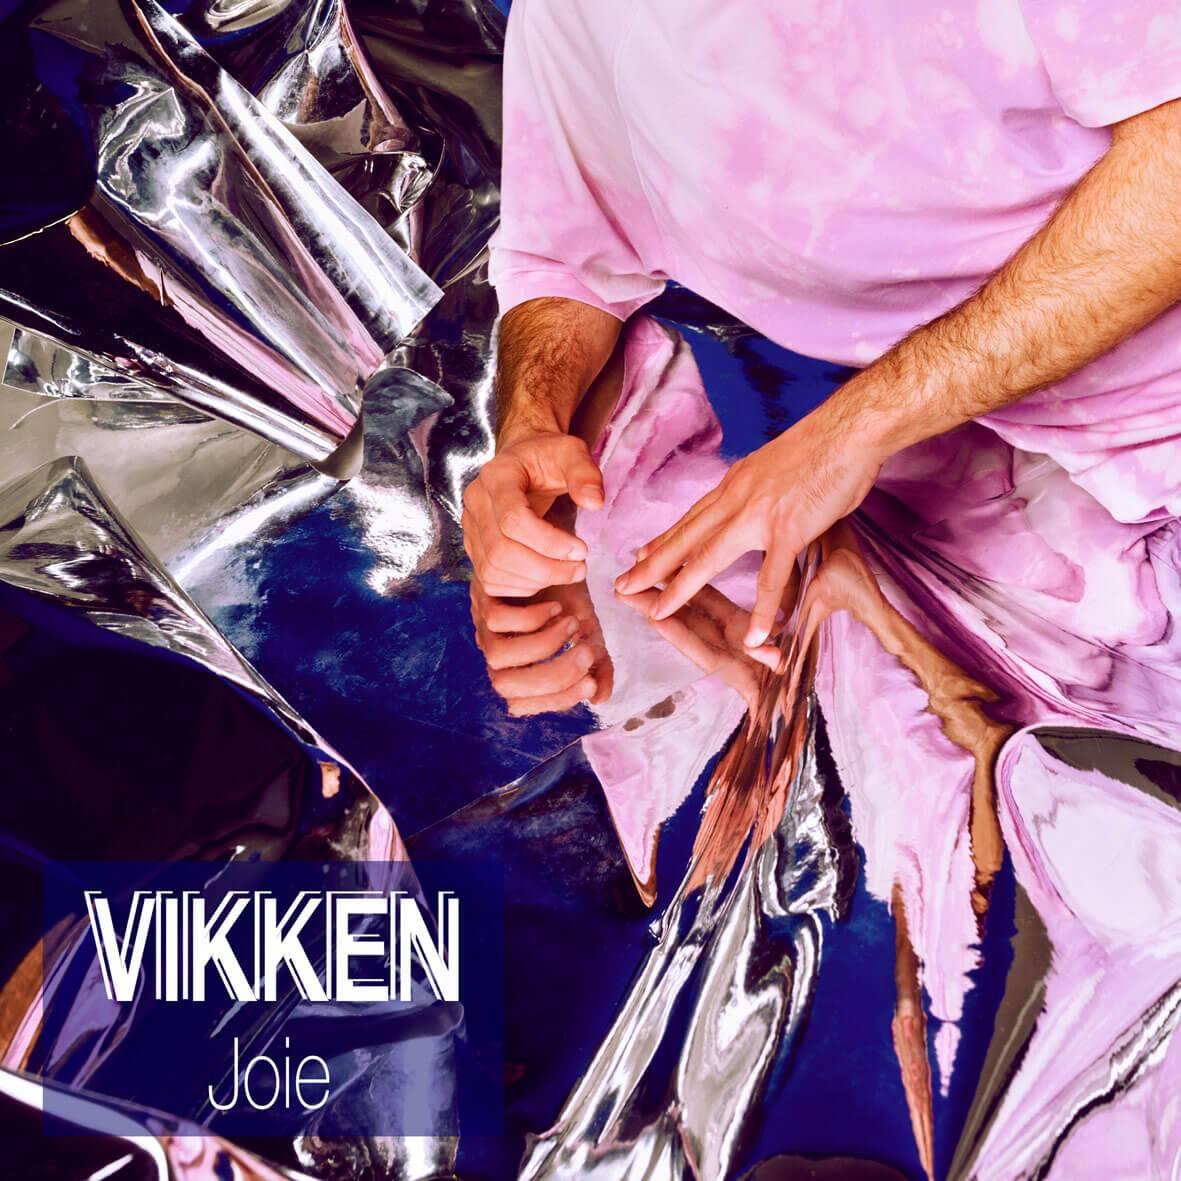 VIKKEN - Joie